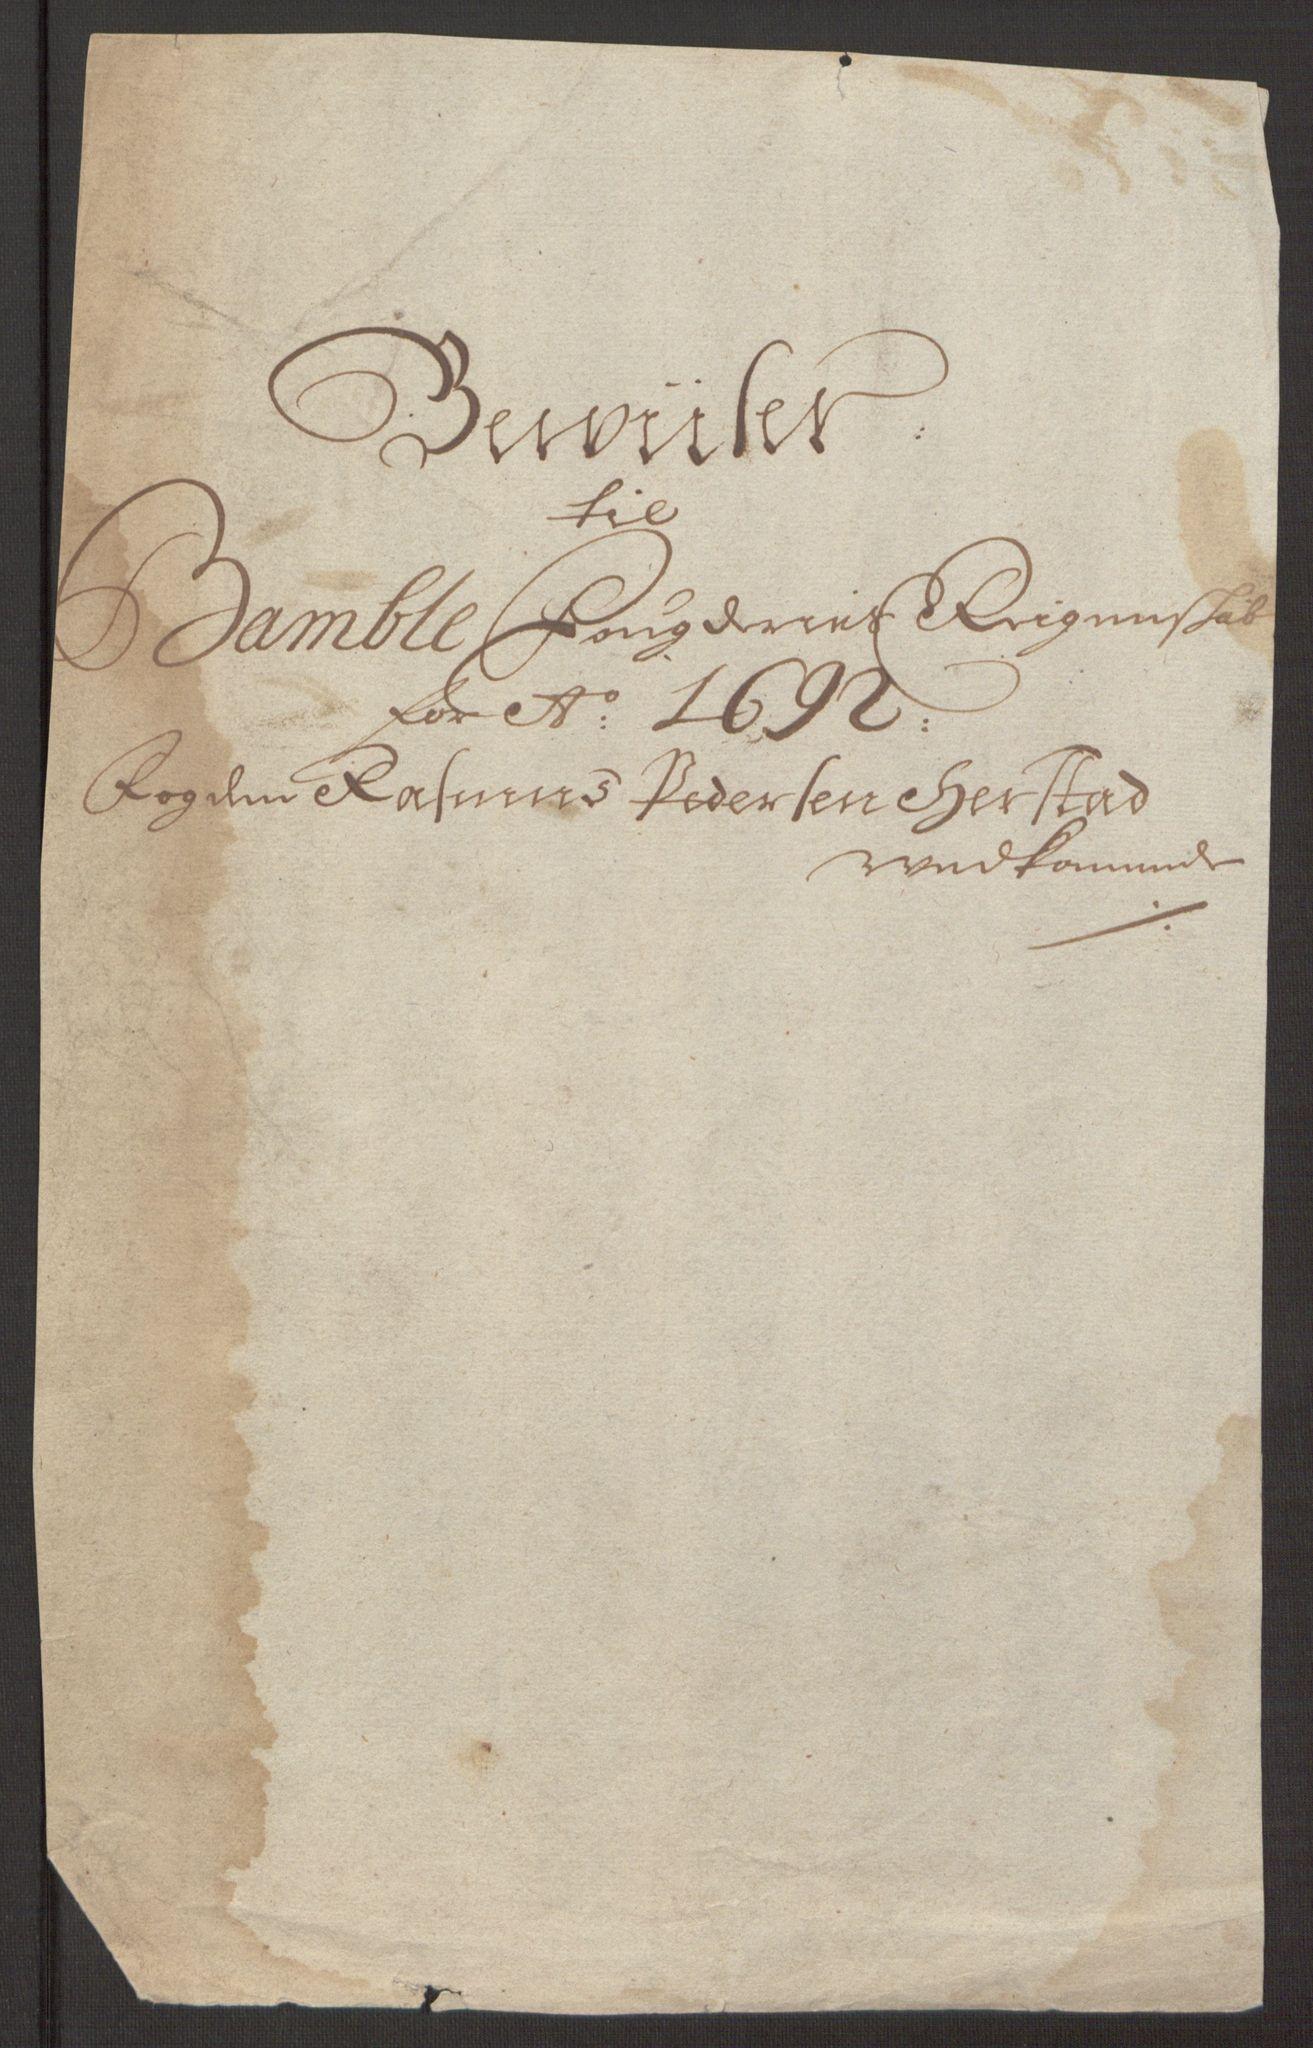 RA, Rentekammeret inntil 1814, Reviderte regnskaper, Fogderegnskap, R34/L2052: Fogderegnskap Bamble, 1692-1693, s. 246